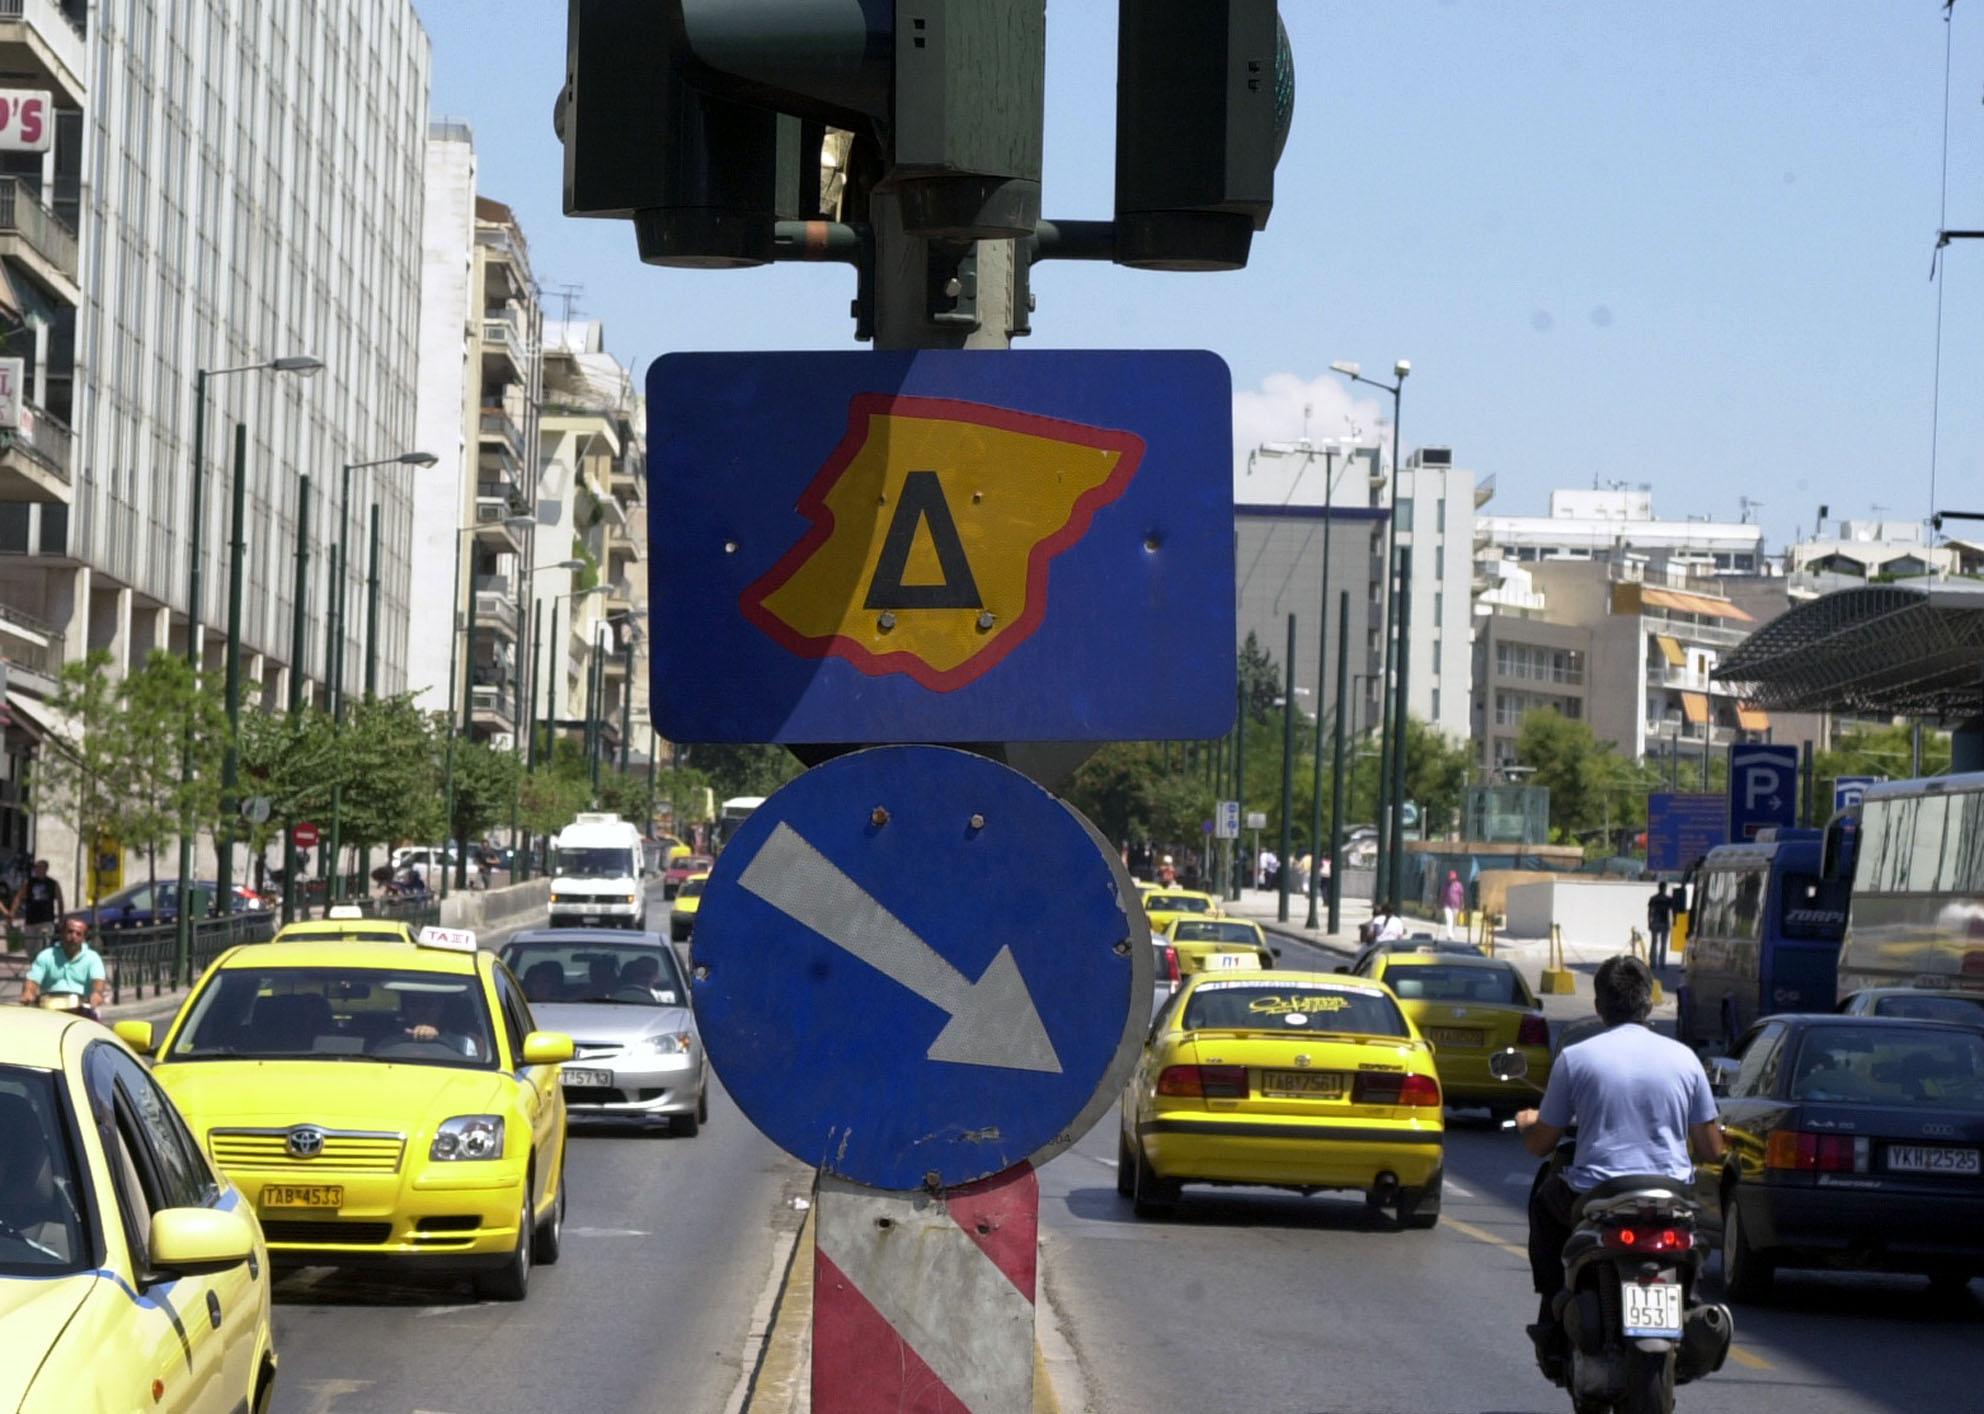 Τι προβλέπει ο «πράσινος Δακτύλιος» που θα ισχύσει από τις 3 Σεπτεμβρίου | tovima.gr